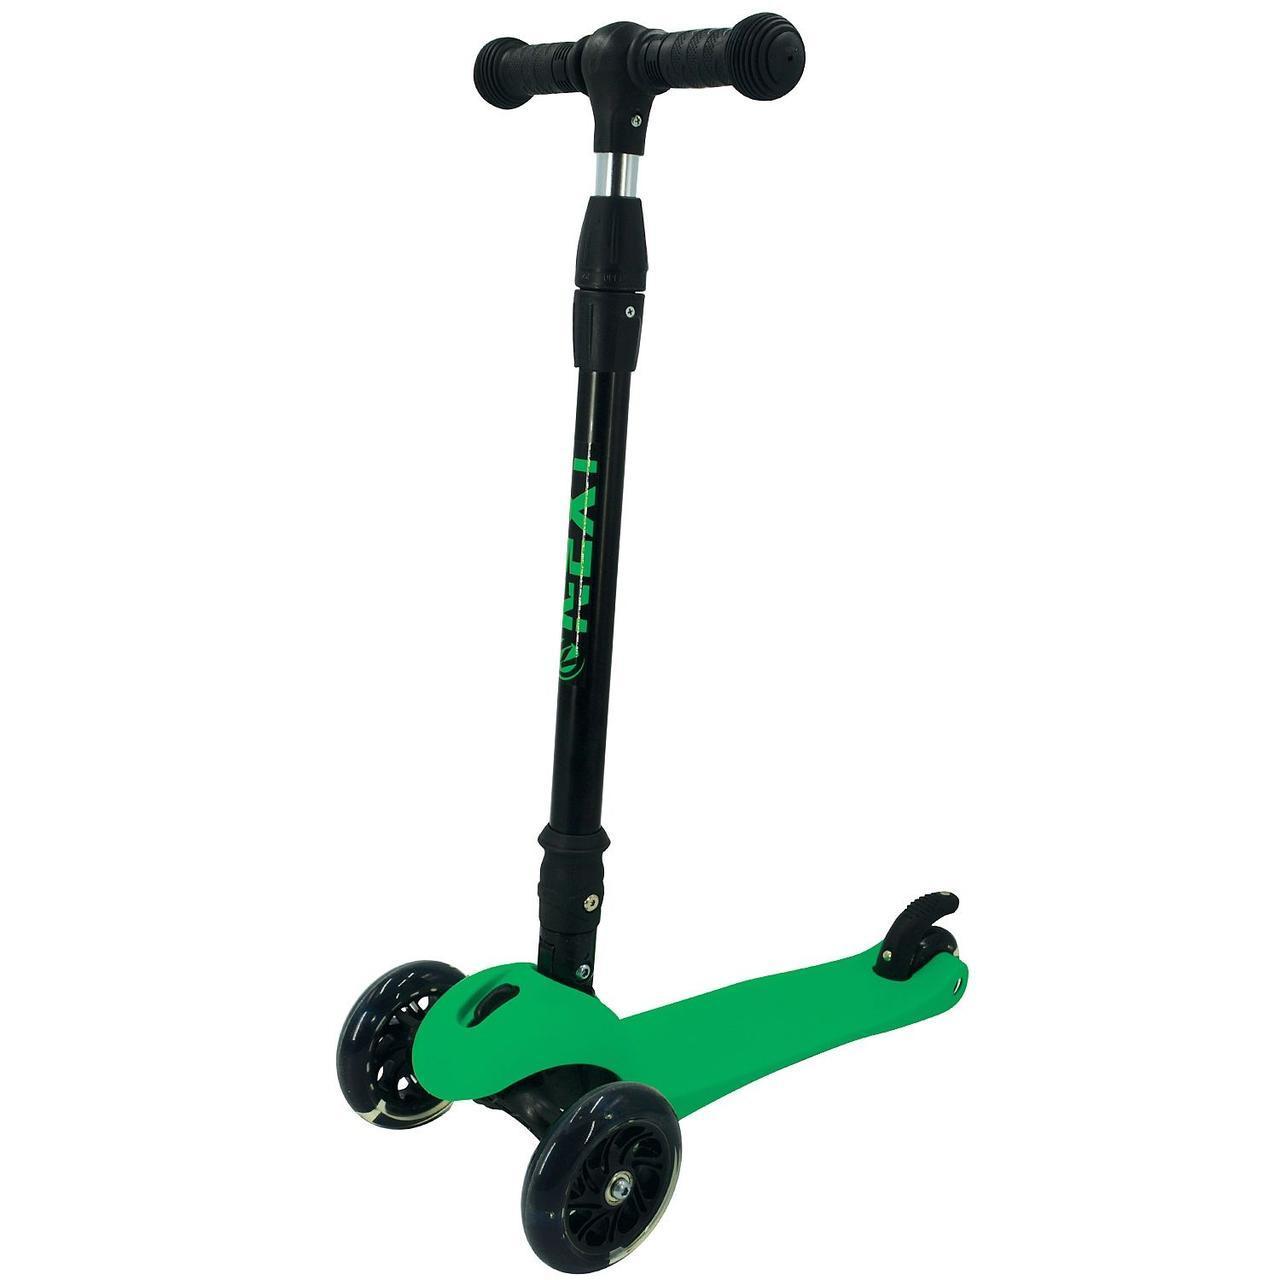 Детский трехколёсный самокат Next, зеленый